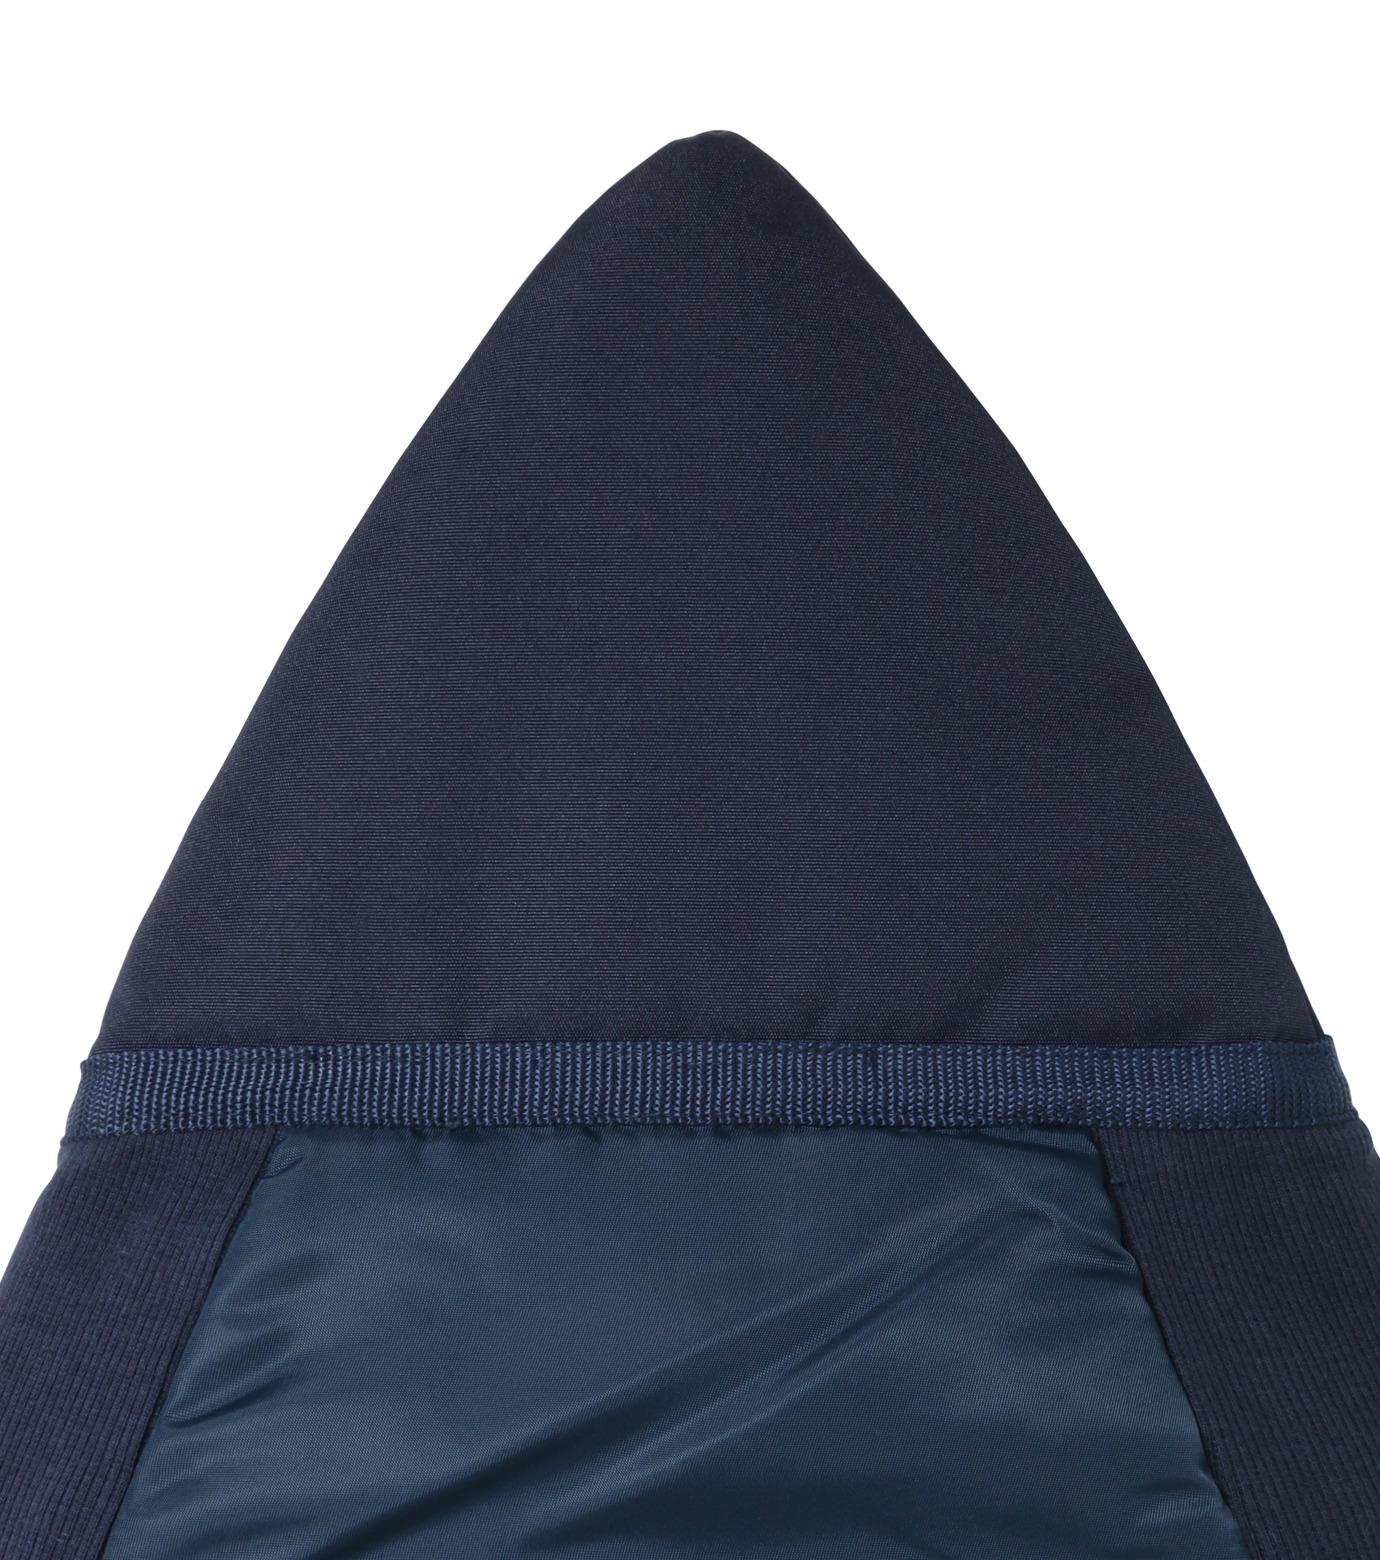 HEY YOU !(ヘイユウ)のSurfboard Jacket Short (S size)-NAVY(サーフ/OUTDOOR/surf/OUTDOOR)-18S90009-93 拡大詳細画像2